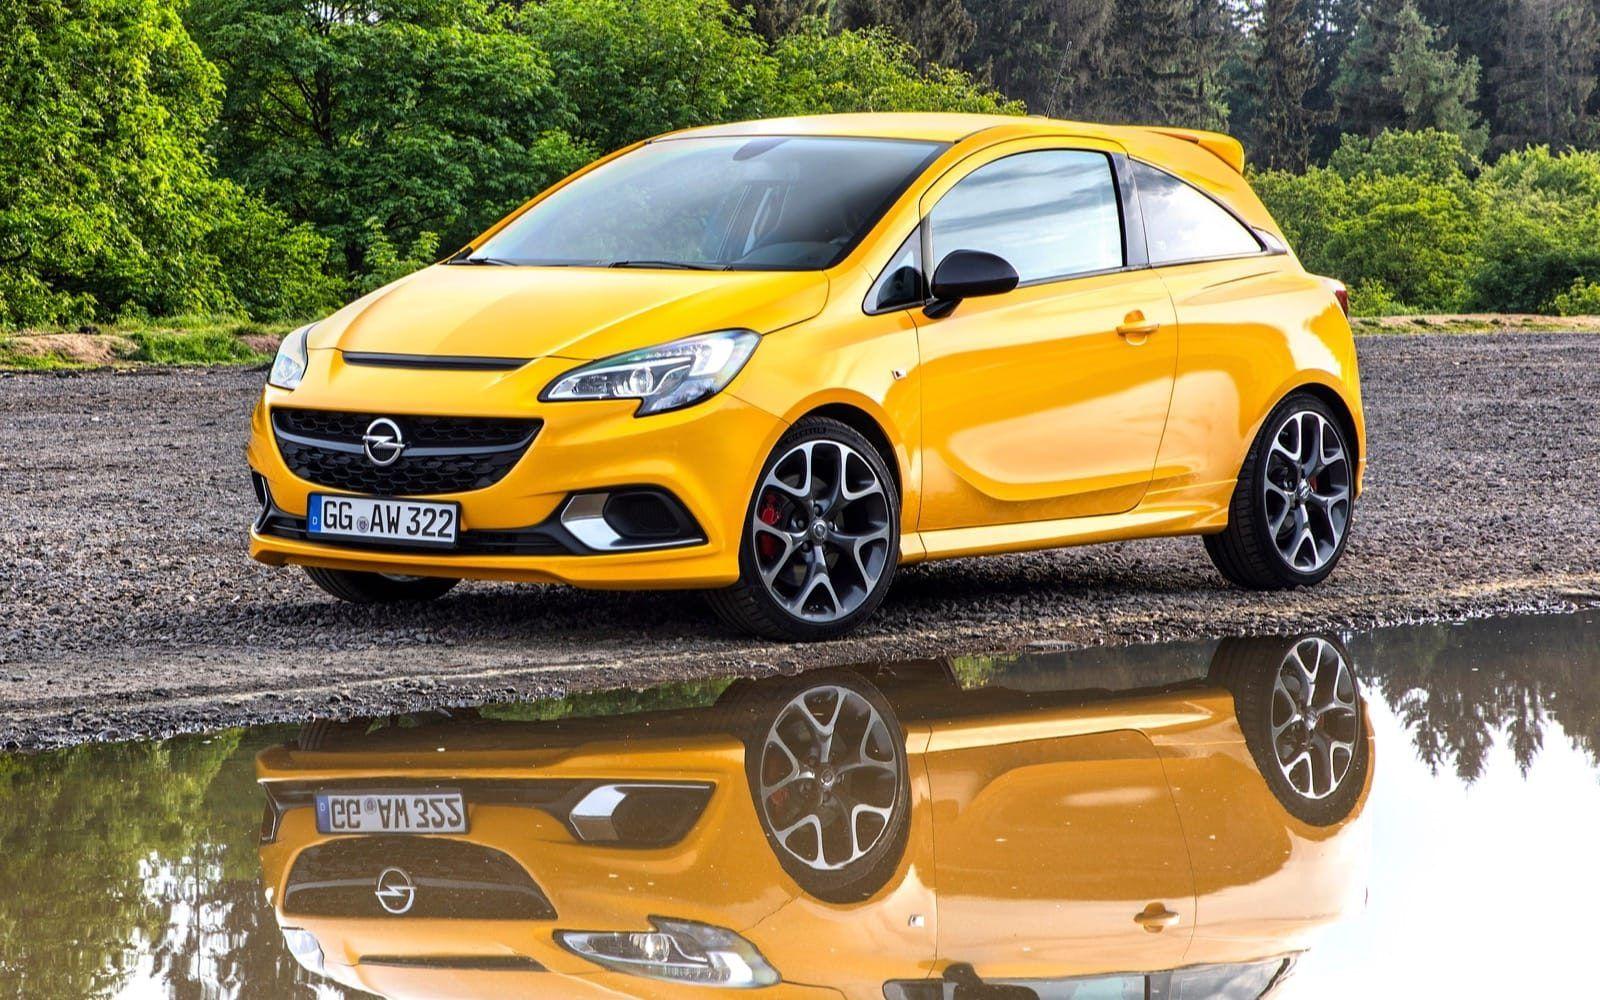 Nuevas Imagenes Del Opel Corsa Gsi Para Conocerlo En Profundidad Opel Corsa Fotos De Coches Motores